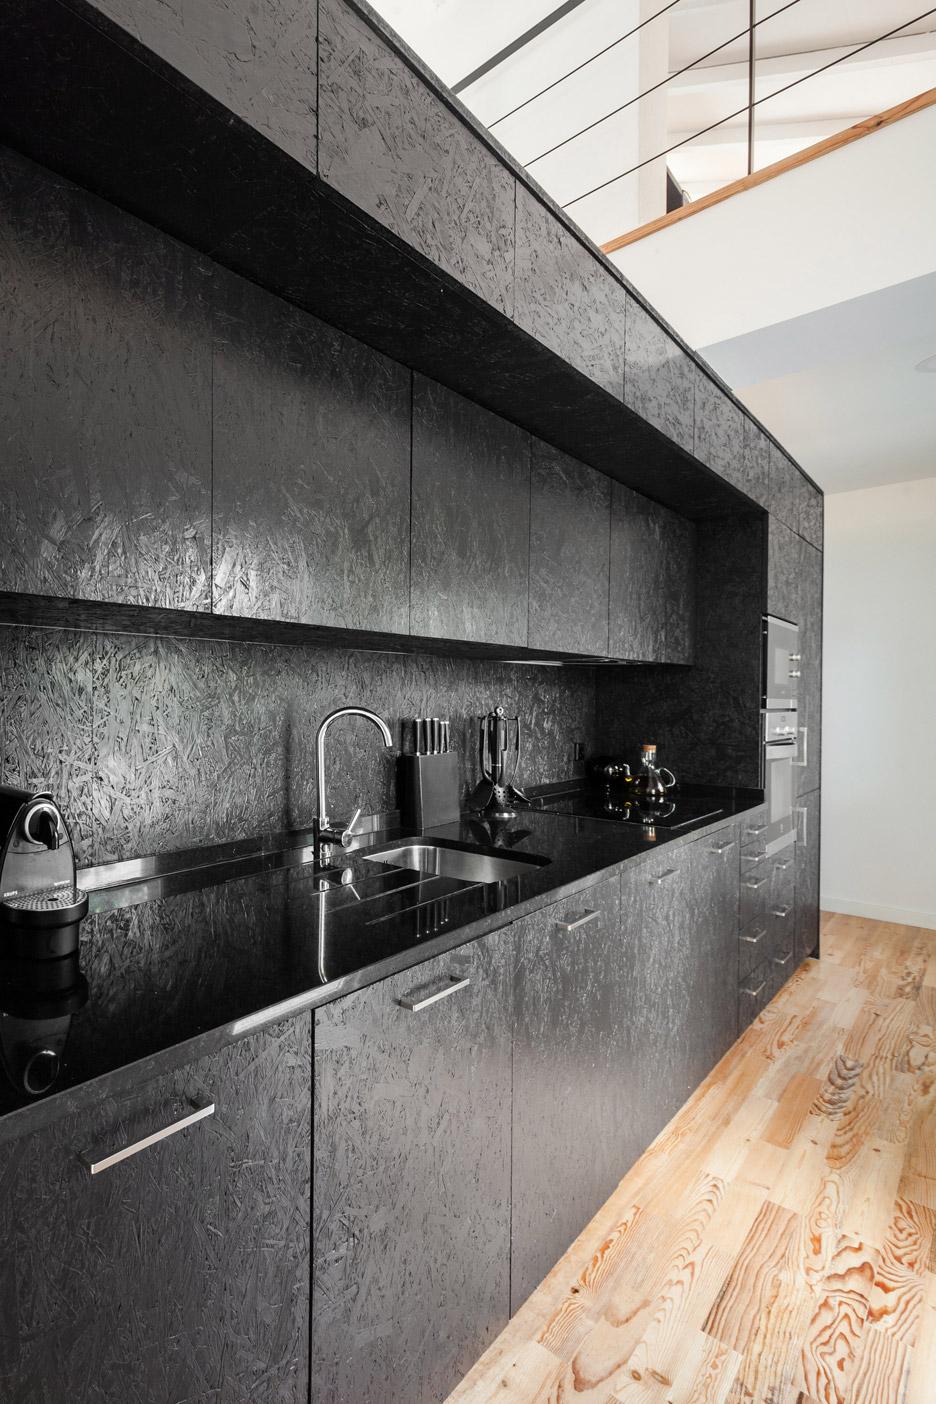 Ins Brando installs black box of rooms inside converted barn